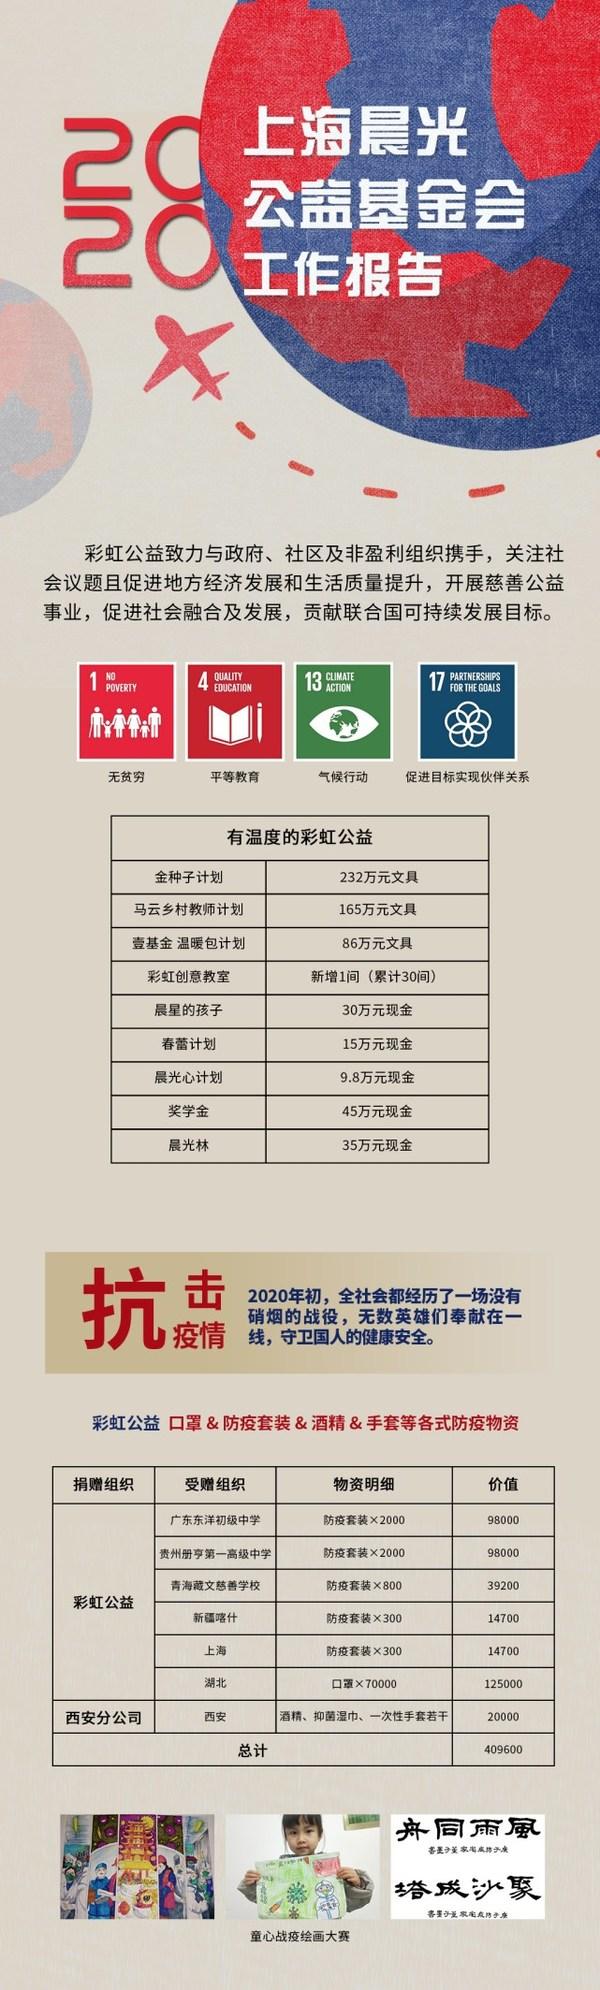 上海晨光公益基金会2020年度工作报告正式发布